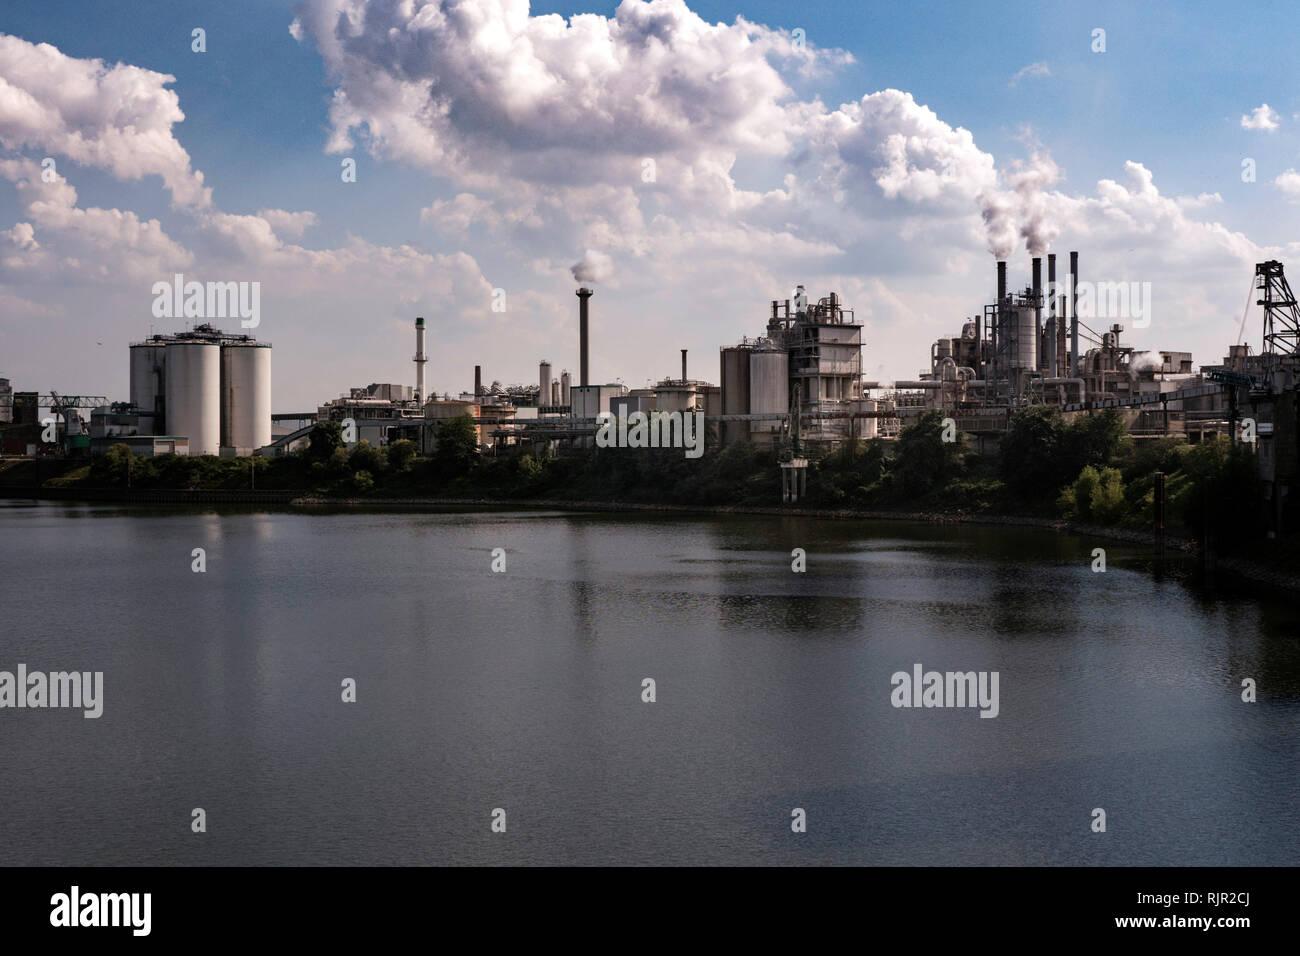 Industrial area in Krefelder Rheinhafen - Stock Image